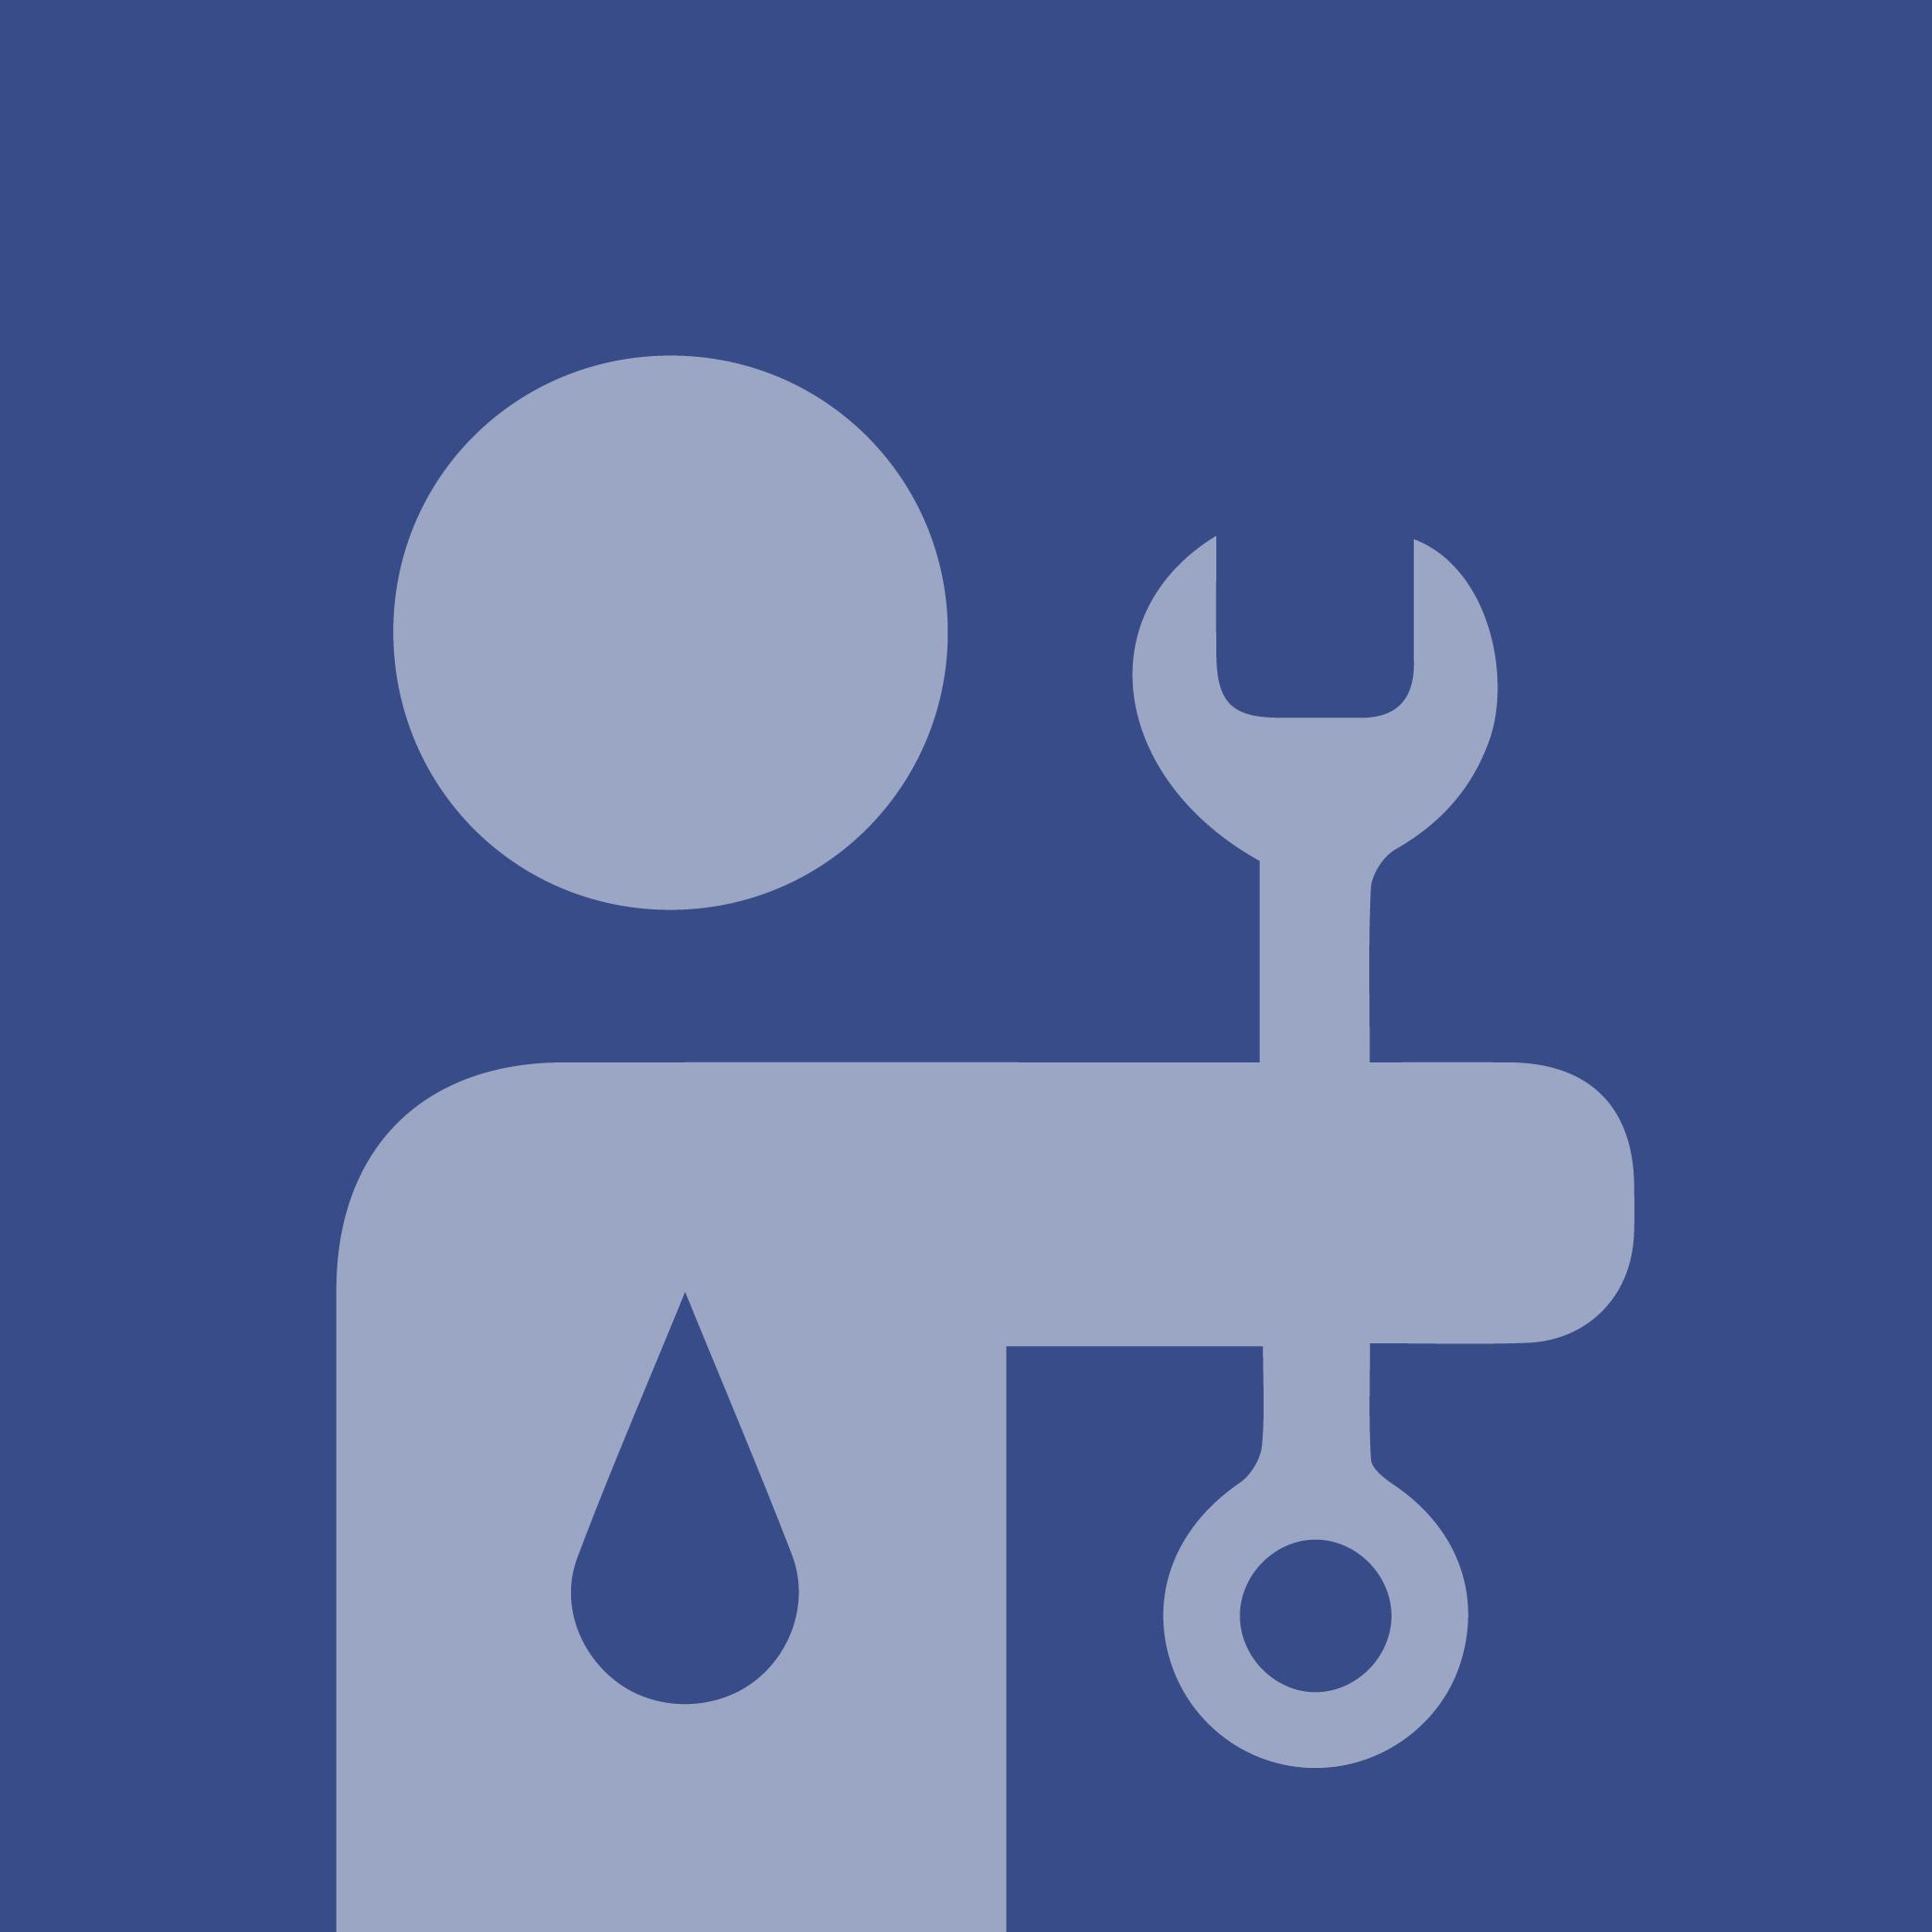 Avatar-plumber